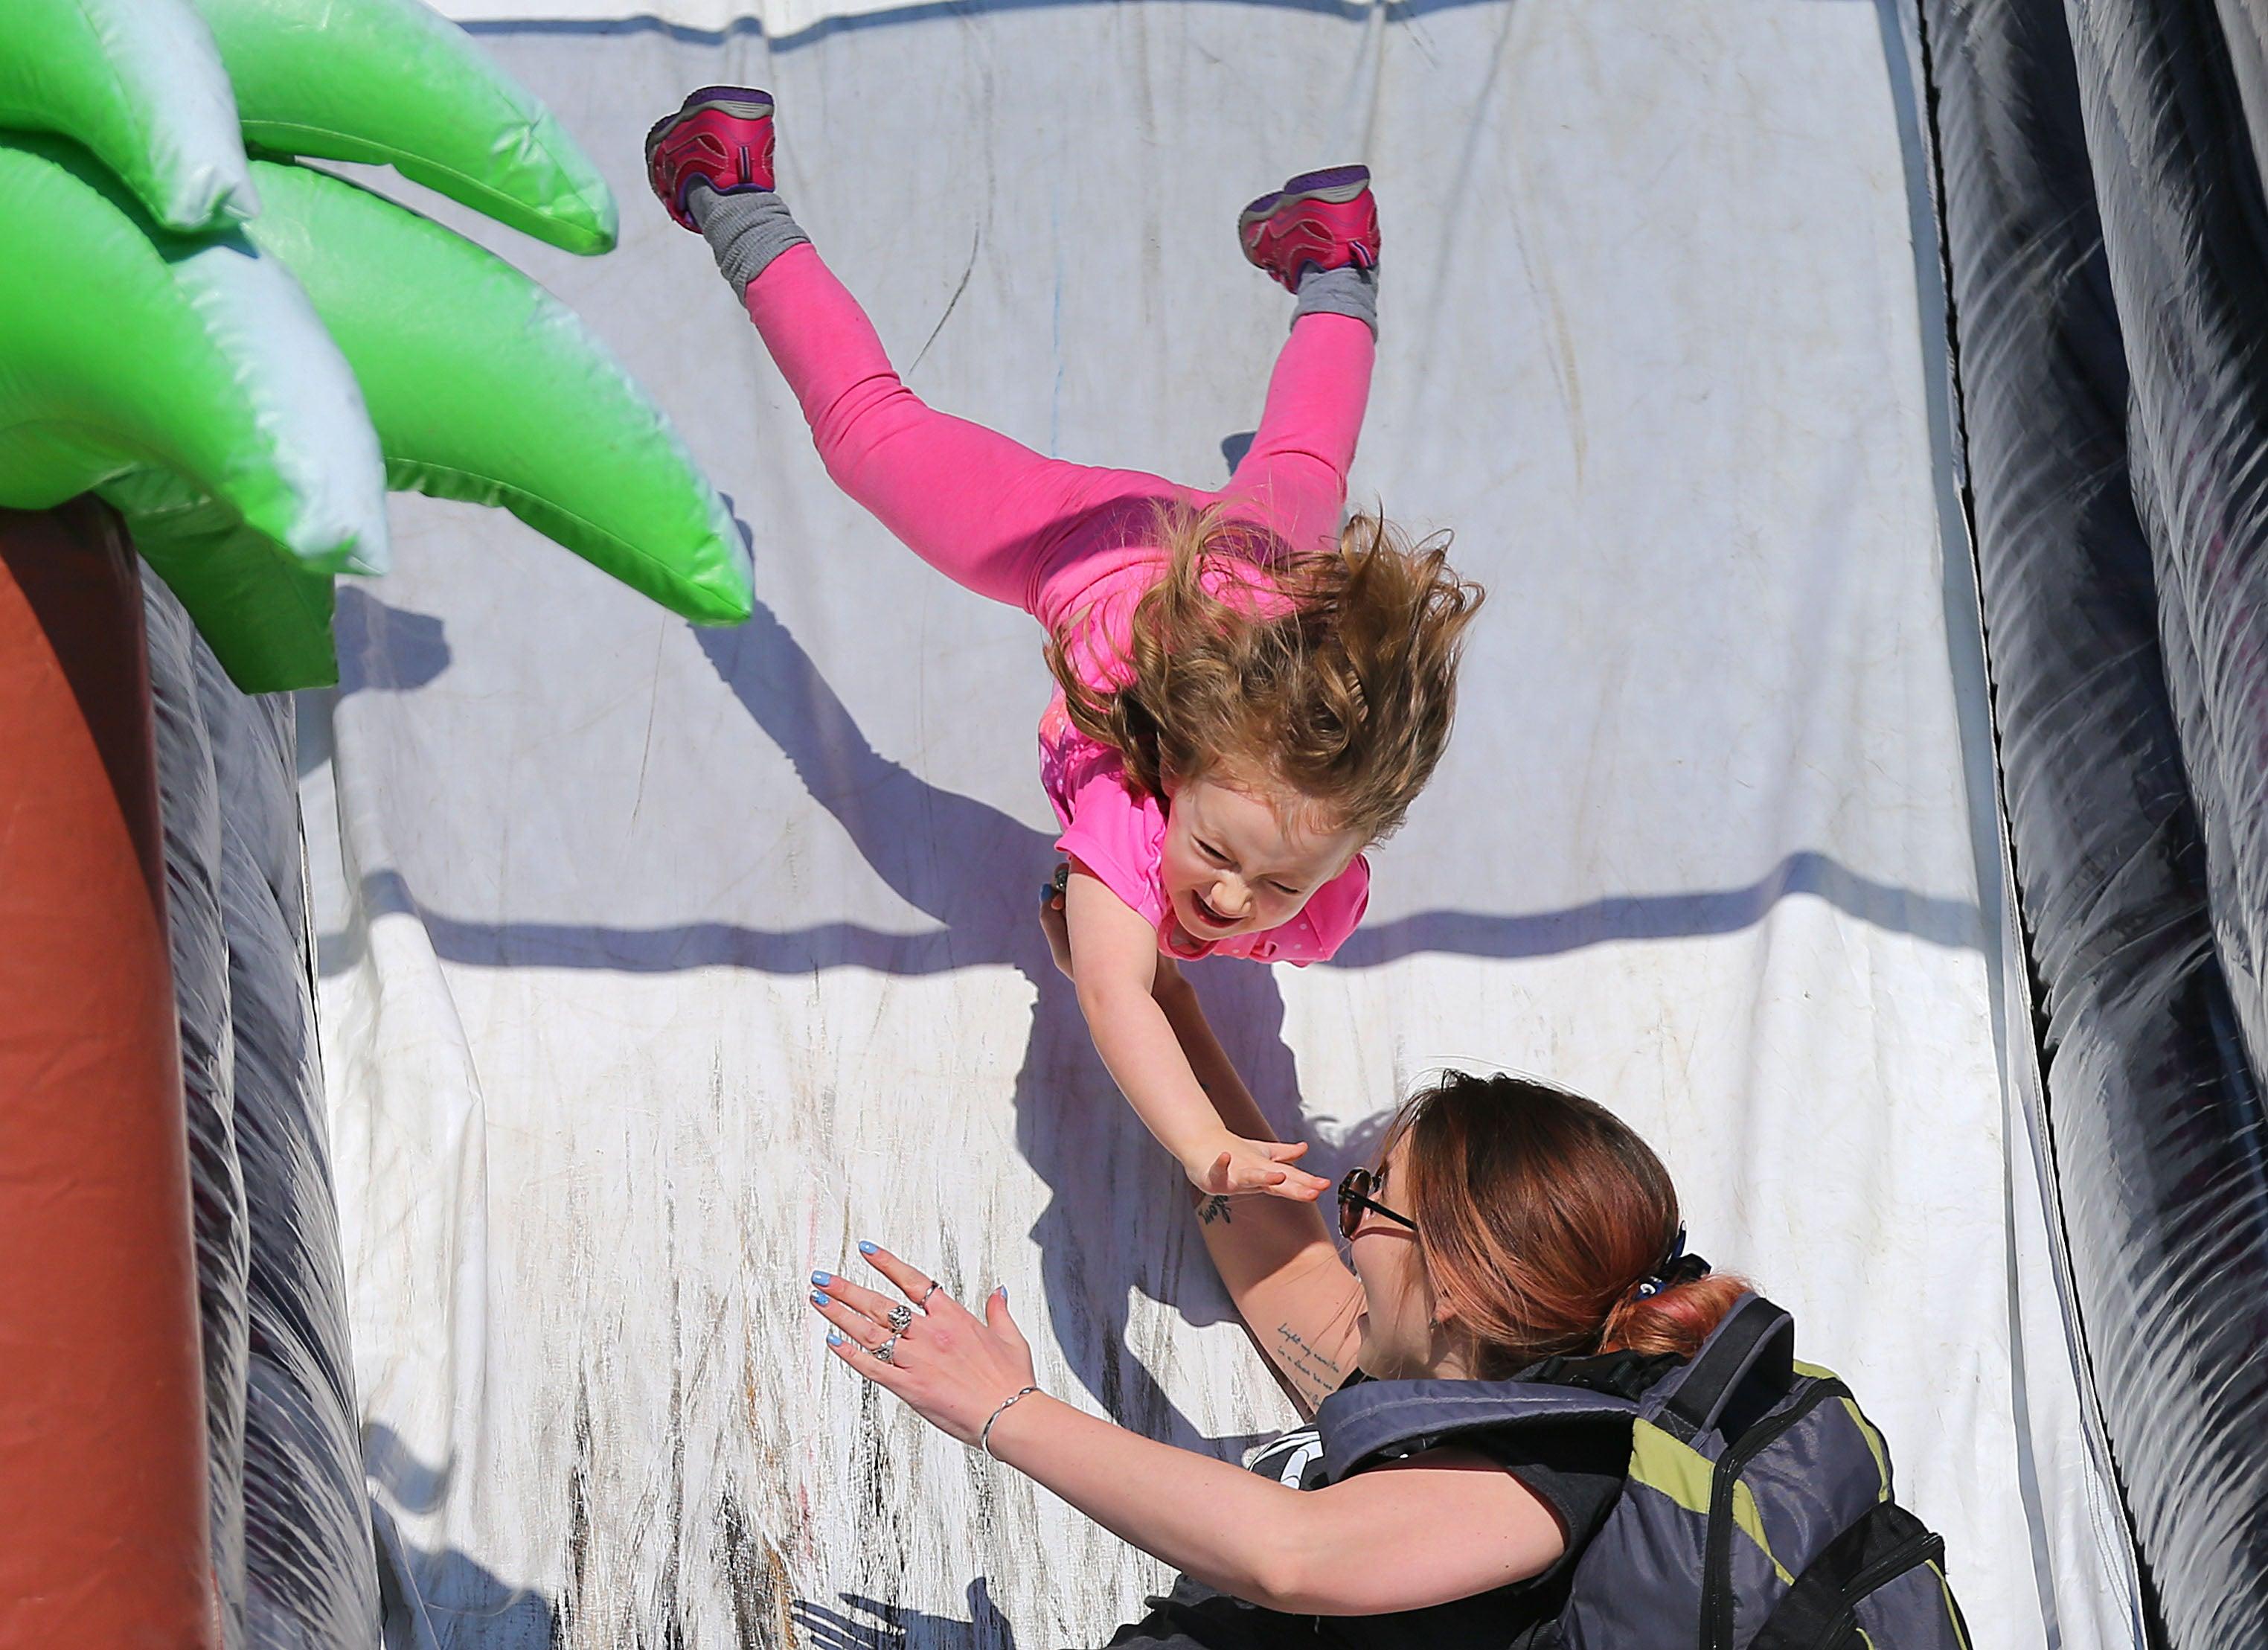 Children's Winter Festival